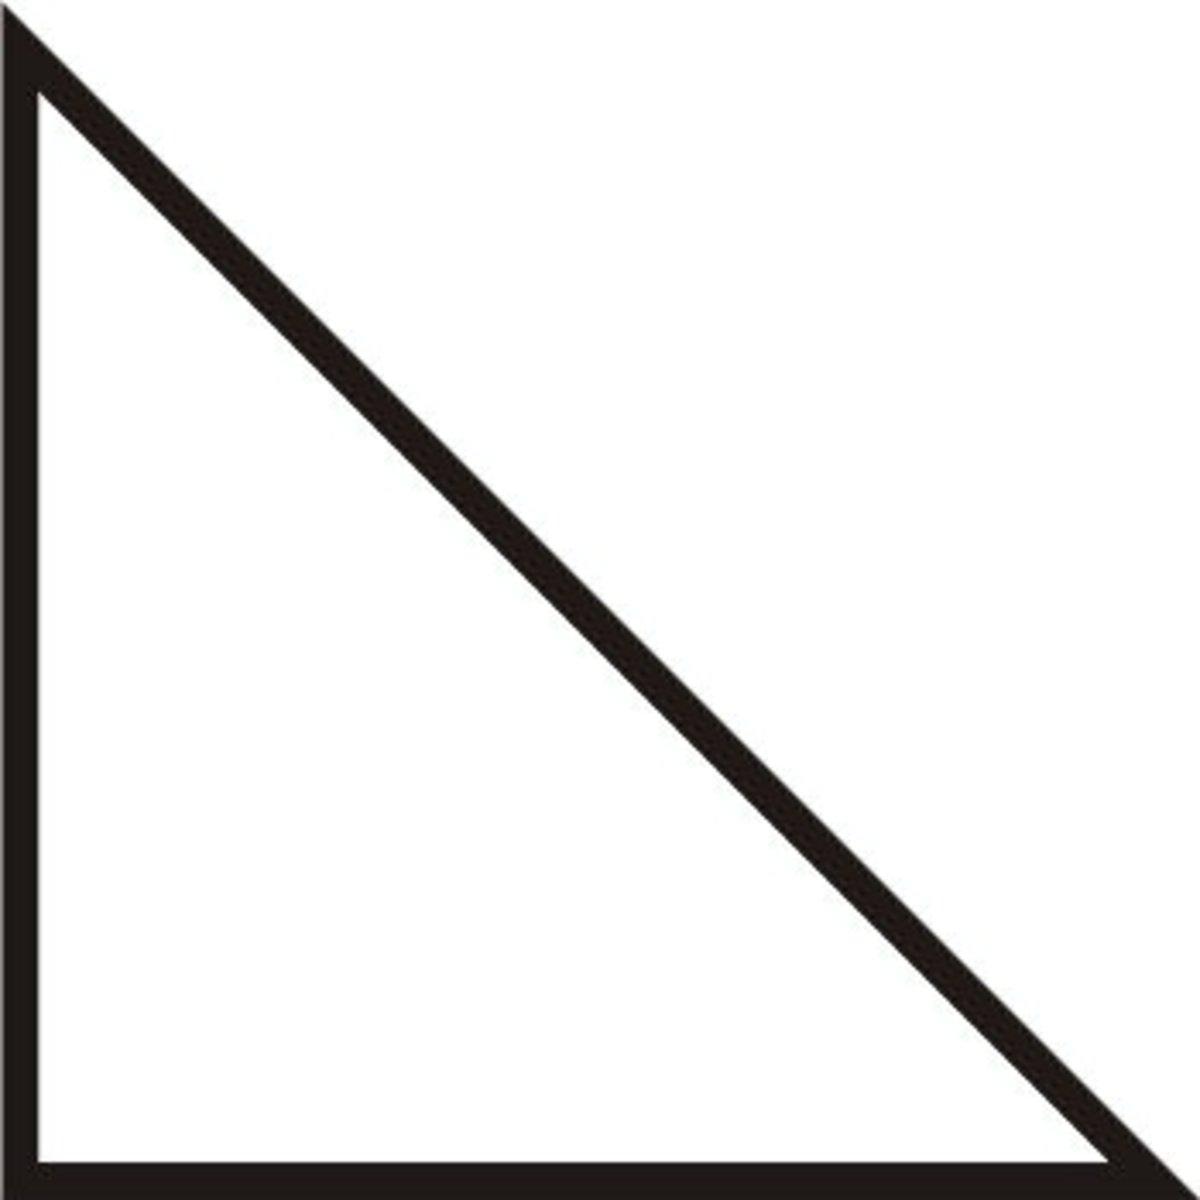 A right triangle